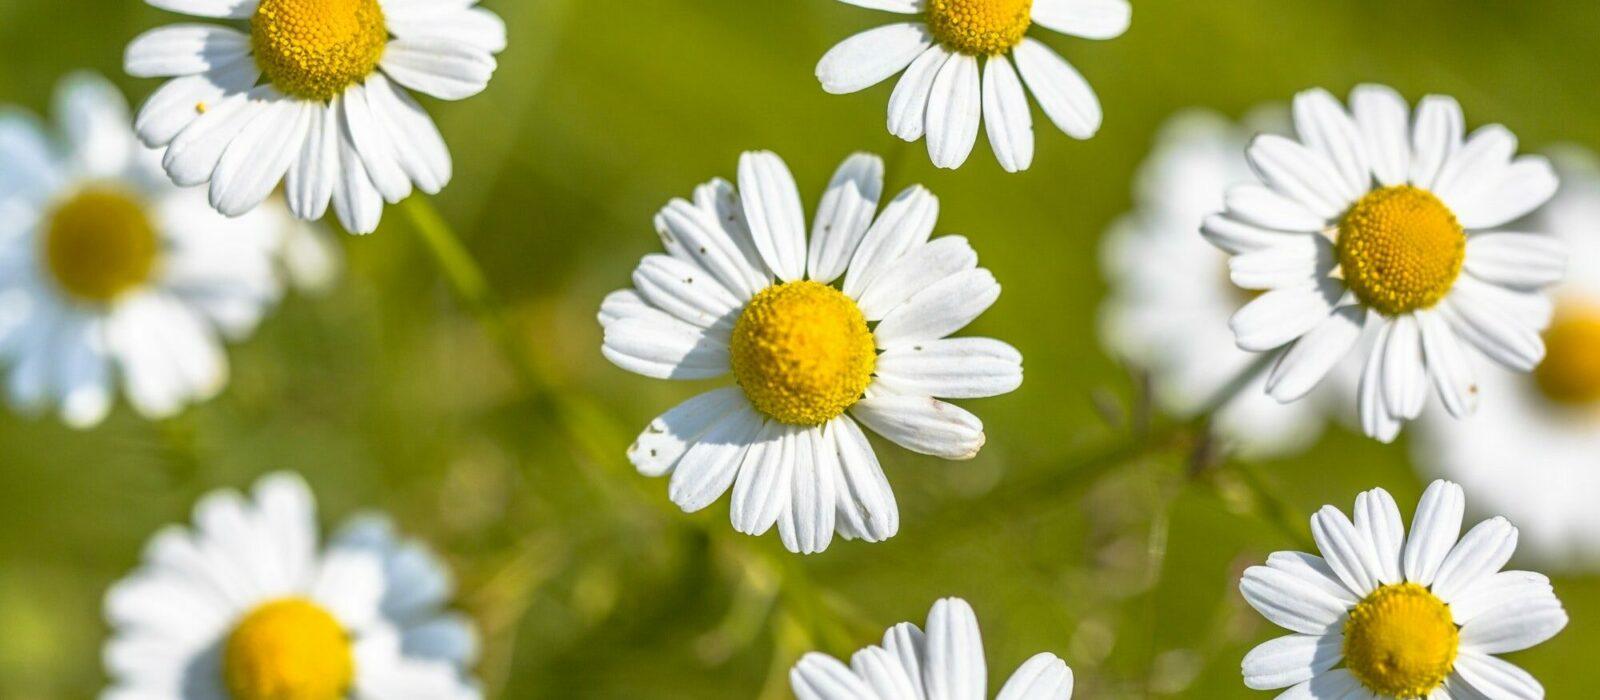 Symbolbild Naturheilkunde zeigt Kamille